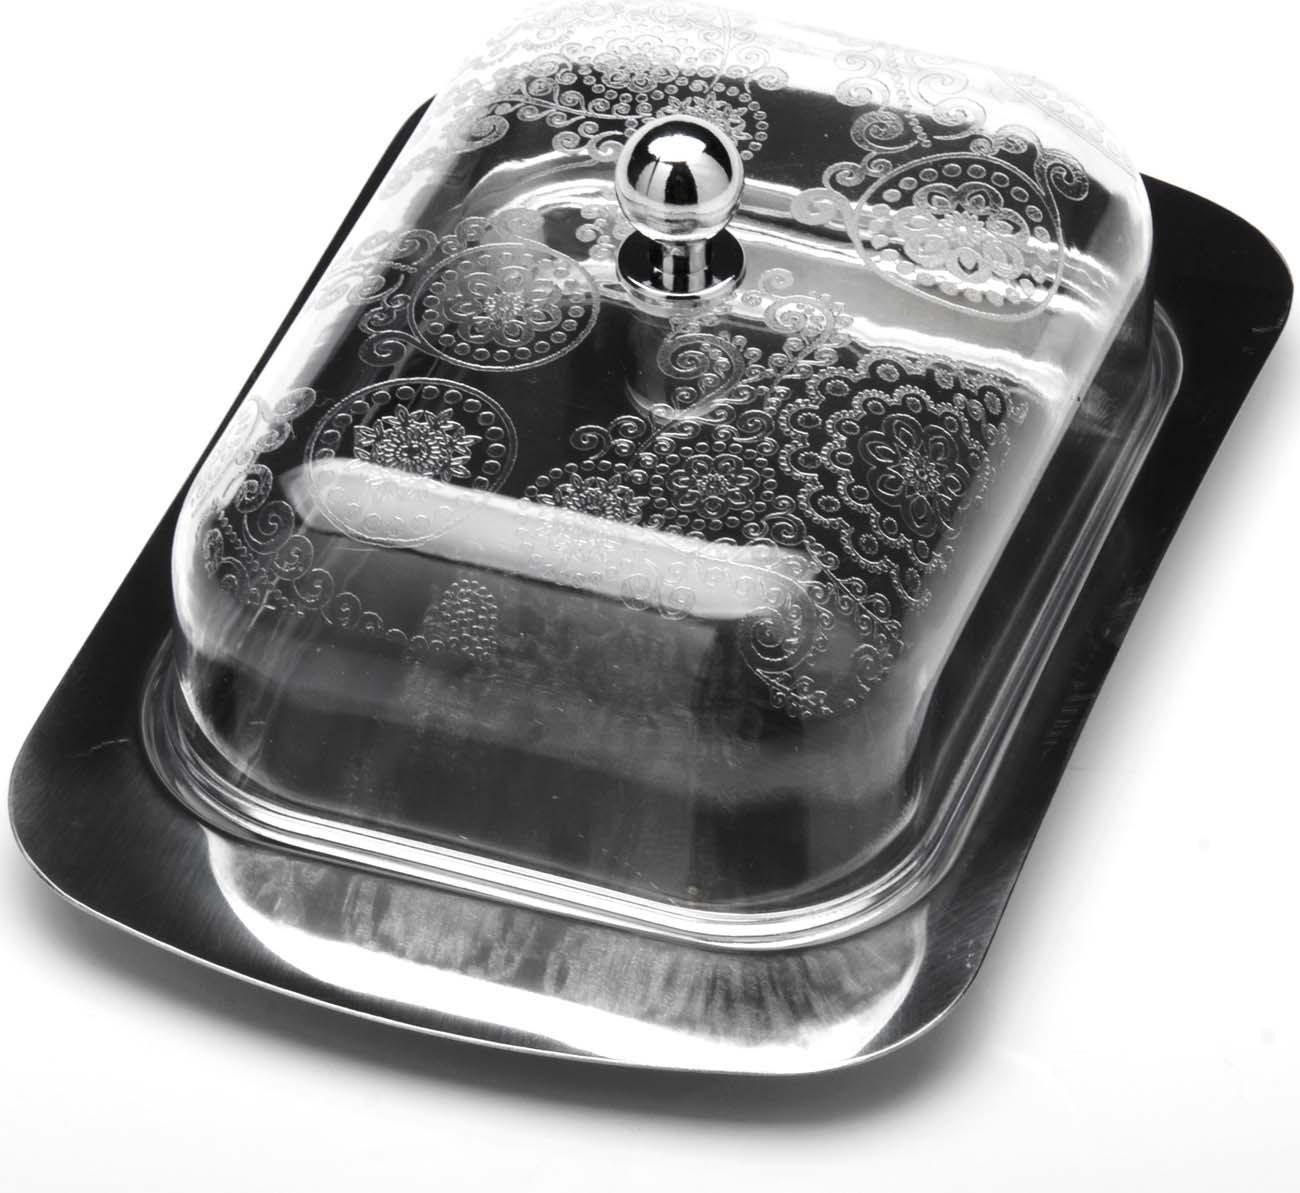 Масленка Материал: Нержавеющая сталь, Пластик Размер коробки: 16.5х9.5х13см Вес:240г  Эта масленка сочетает в себе качество и стиль. Она сохранит ваше масло свежим как в холодильнике так и на обеденном столе. Прозрачная крышка и удобная ручка делают масленку еще более удобной и практичной в использовании.